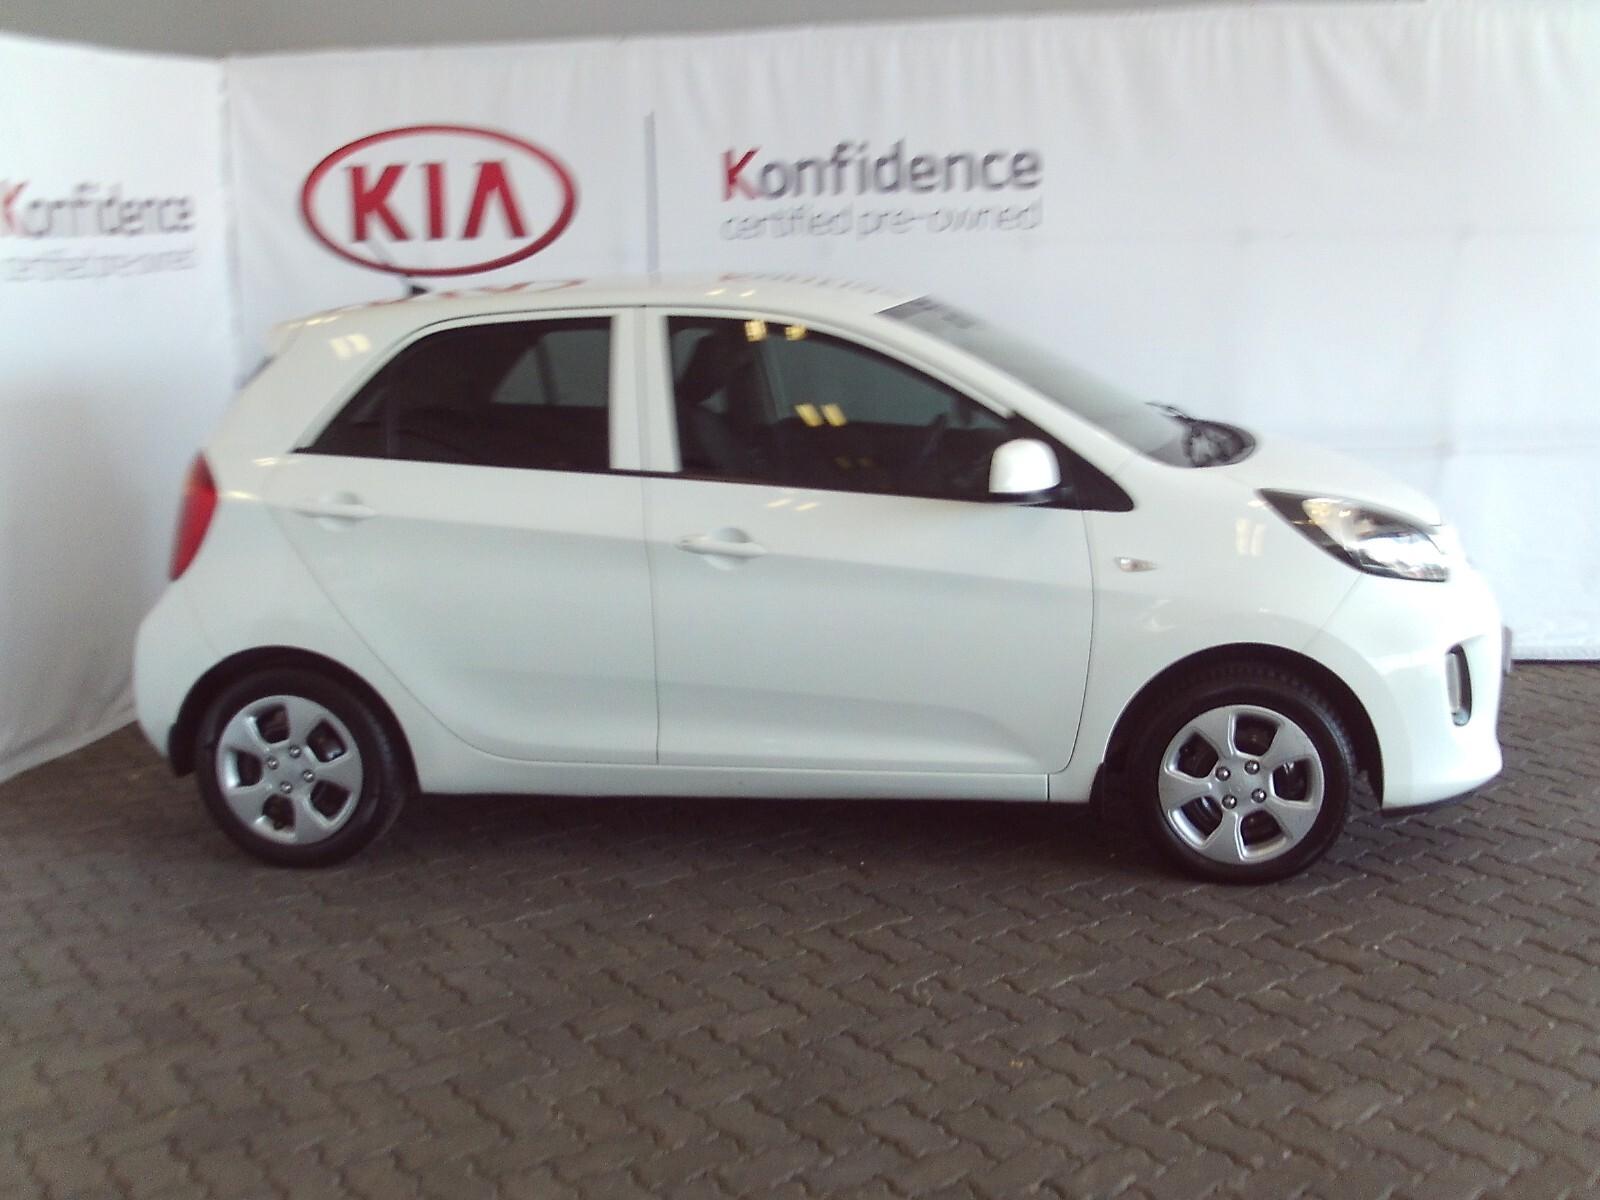 KIA 1.0 LX Pretoria 2332305